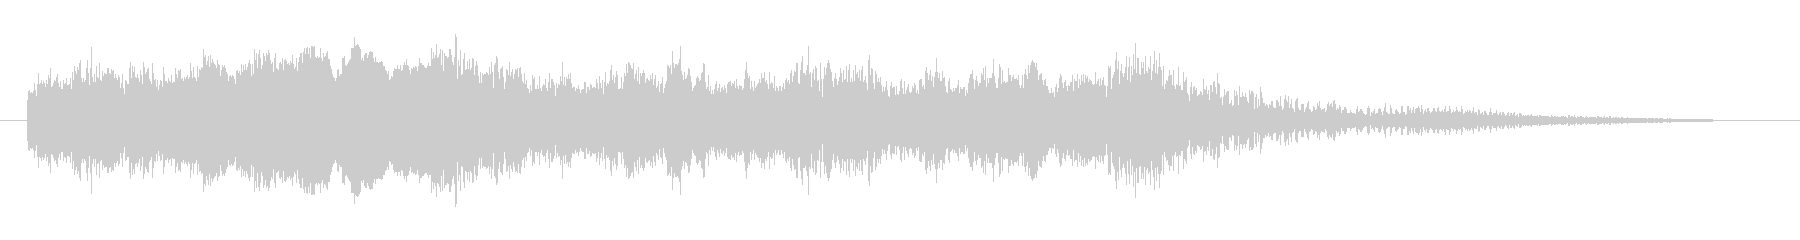 コーナータイトル_ターミネーター風の未再生の波形